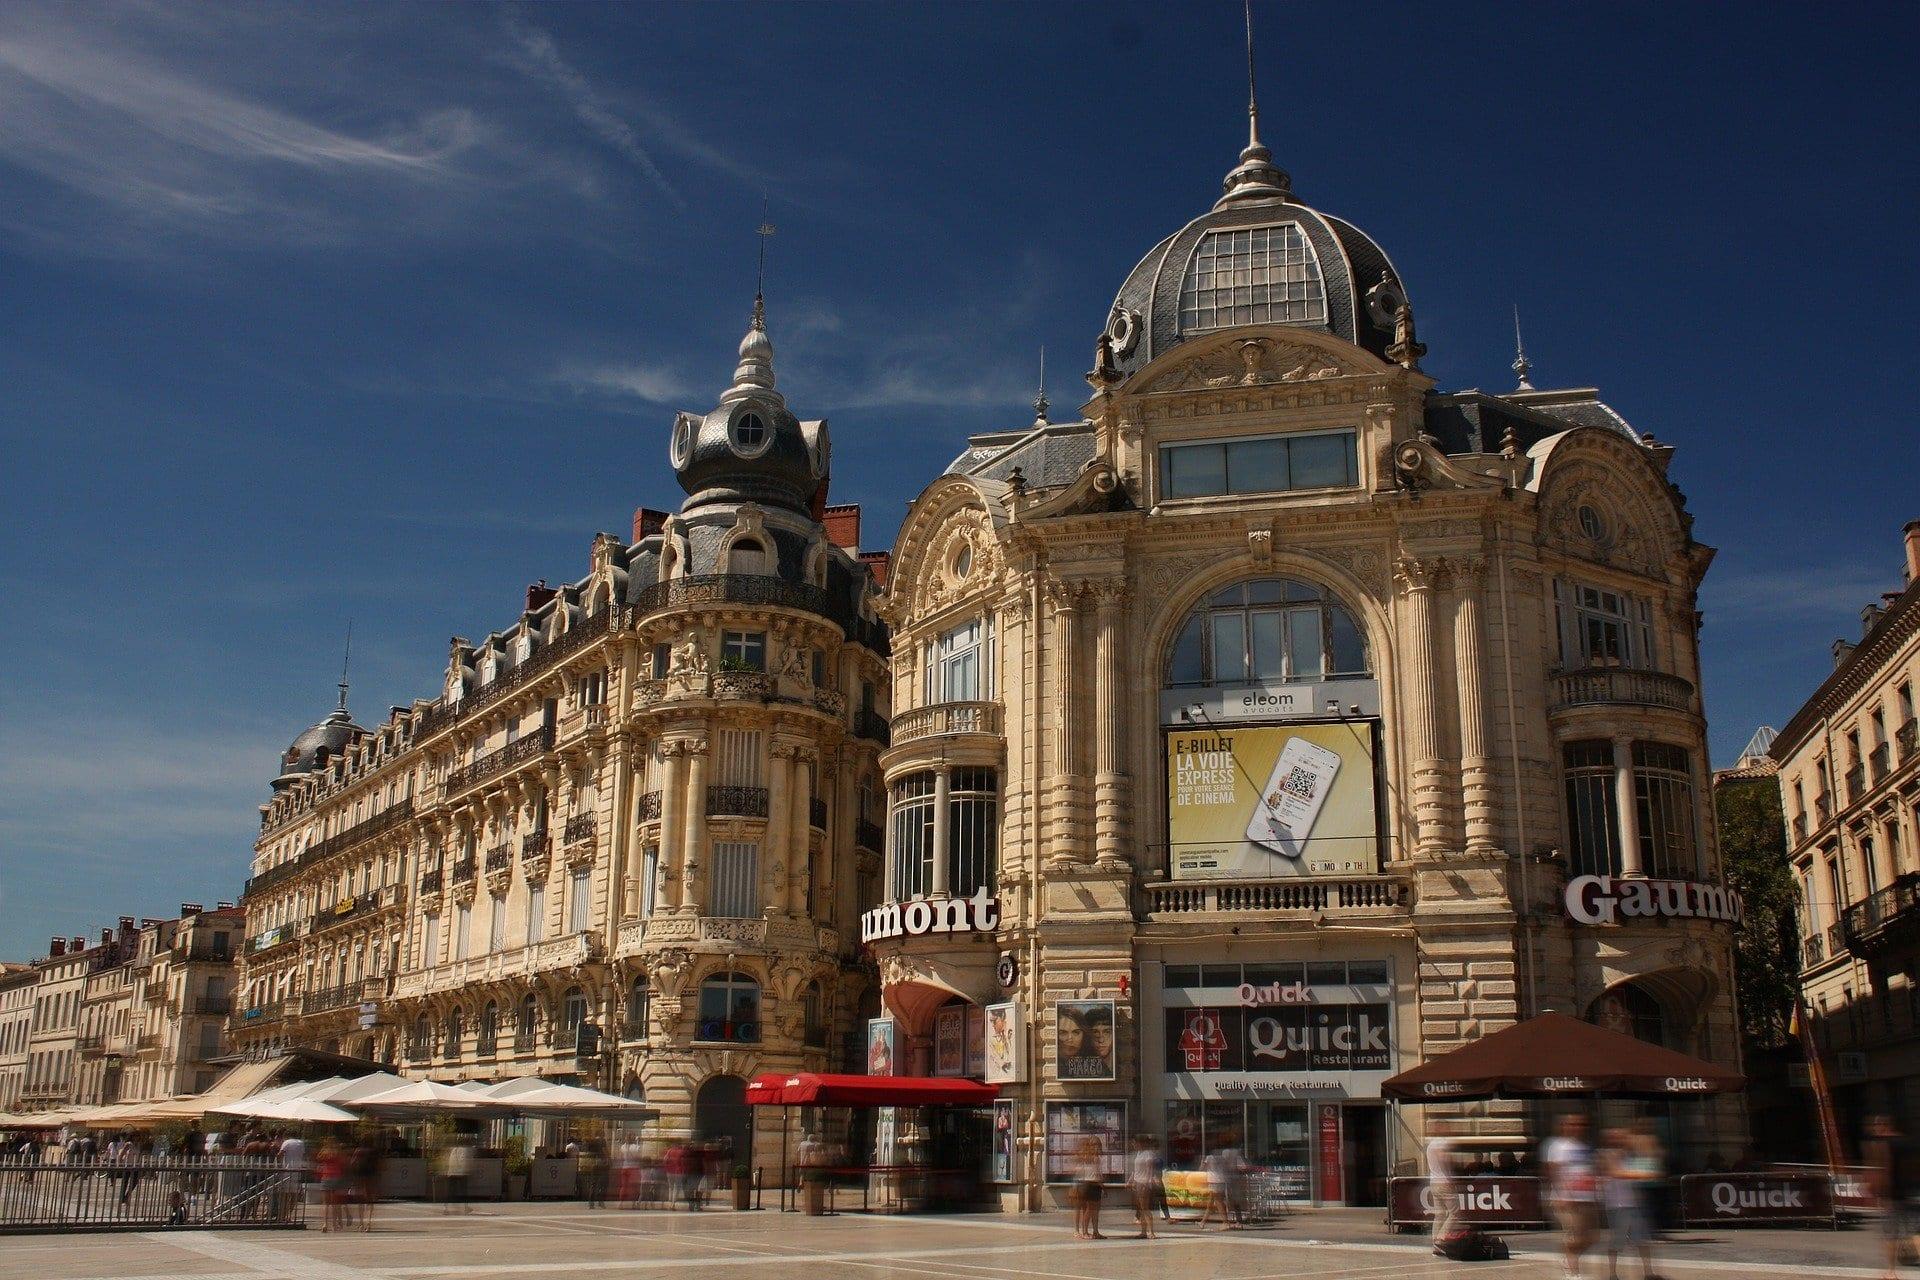 L'immobilier à Montpellier, un marché florissant